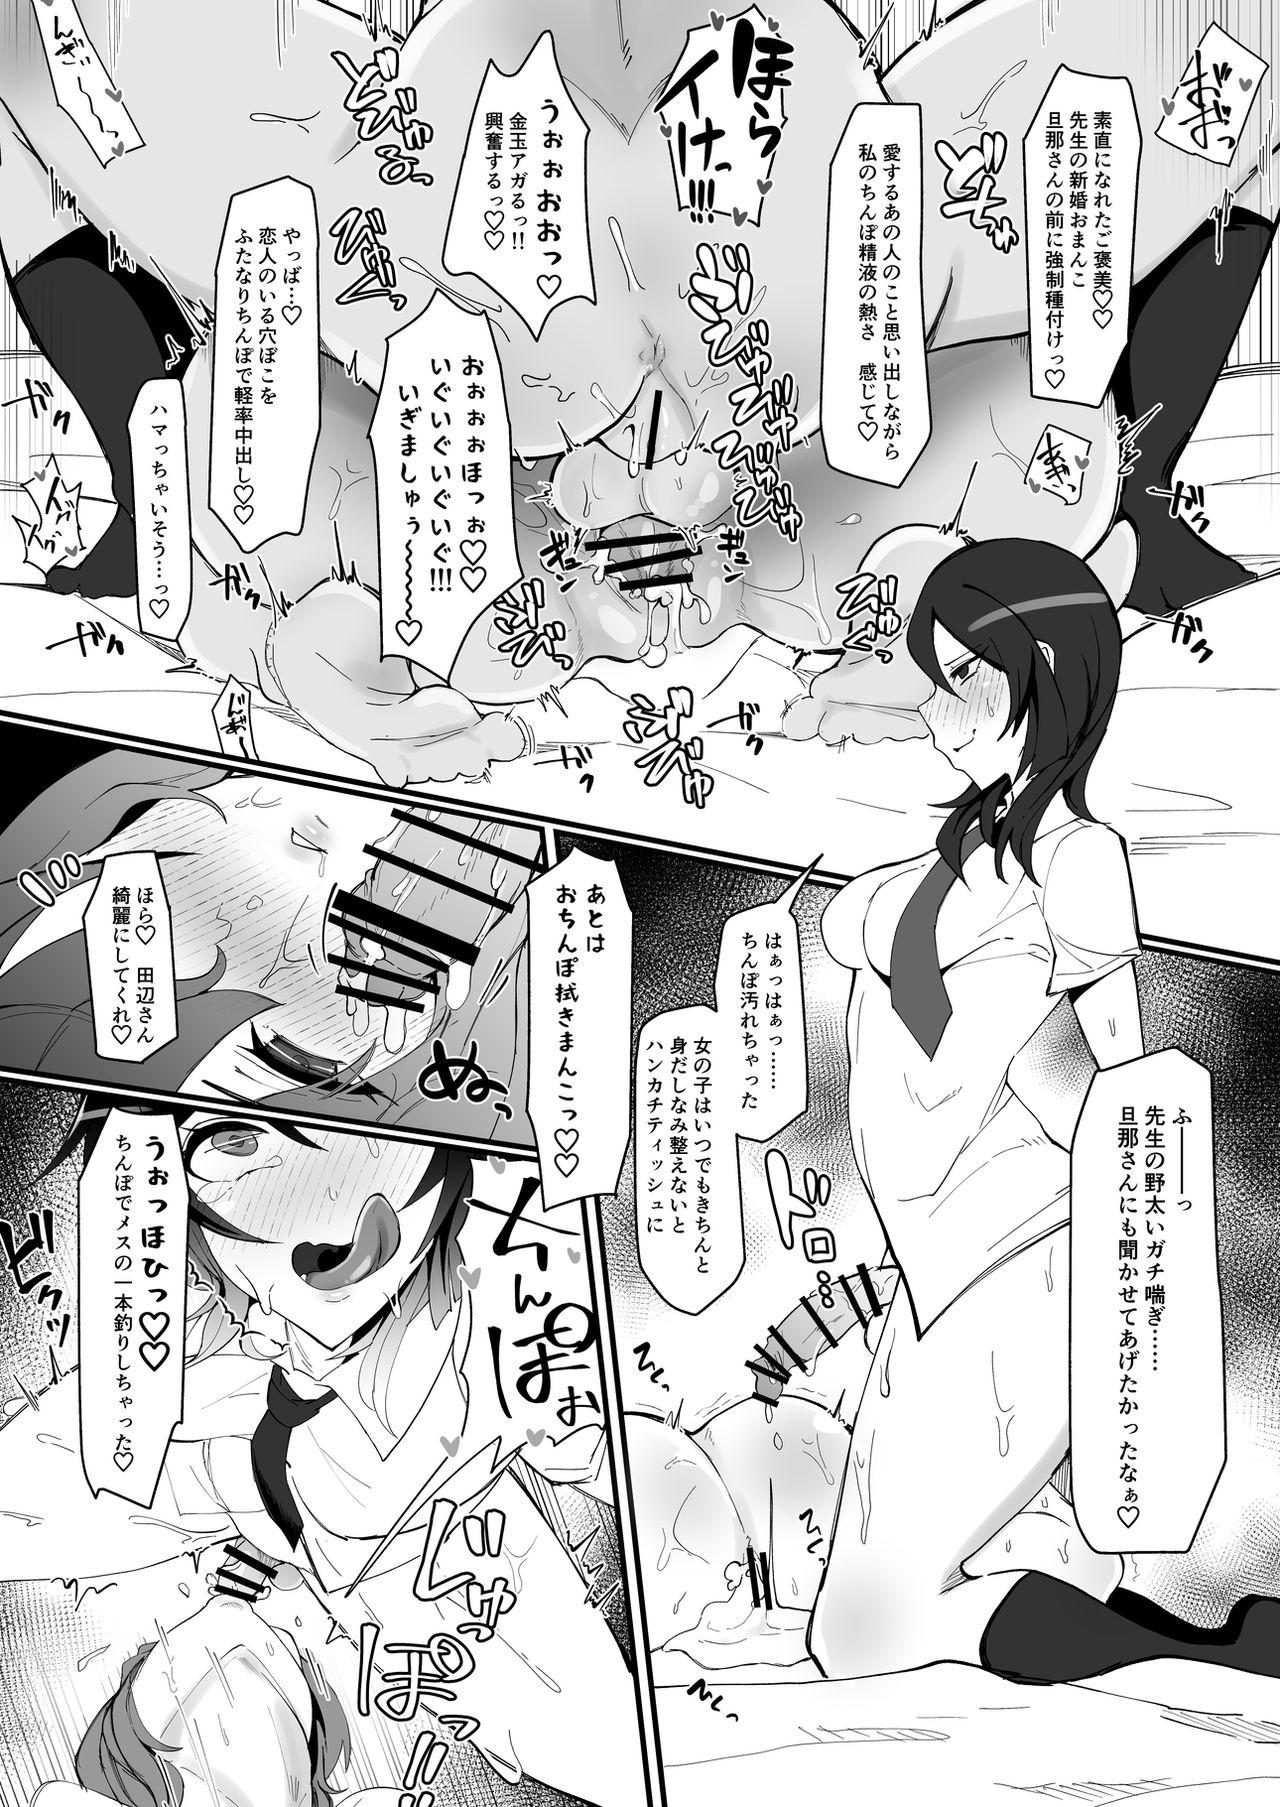 Futanari Mahou Shoujo k - Akumu no Futago 17